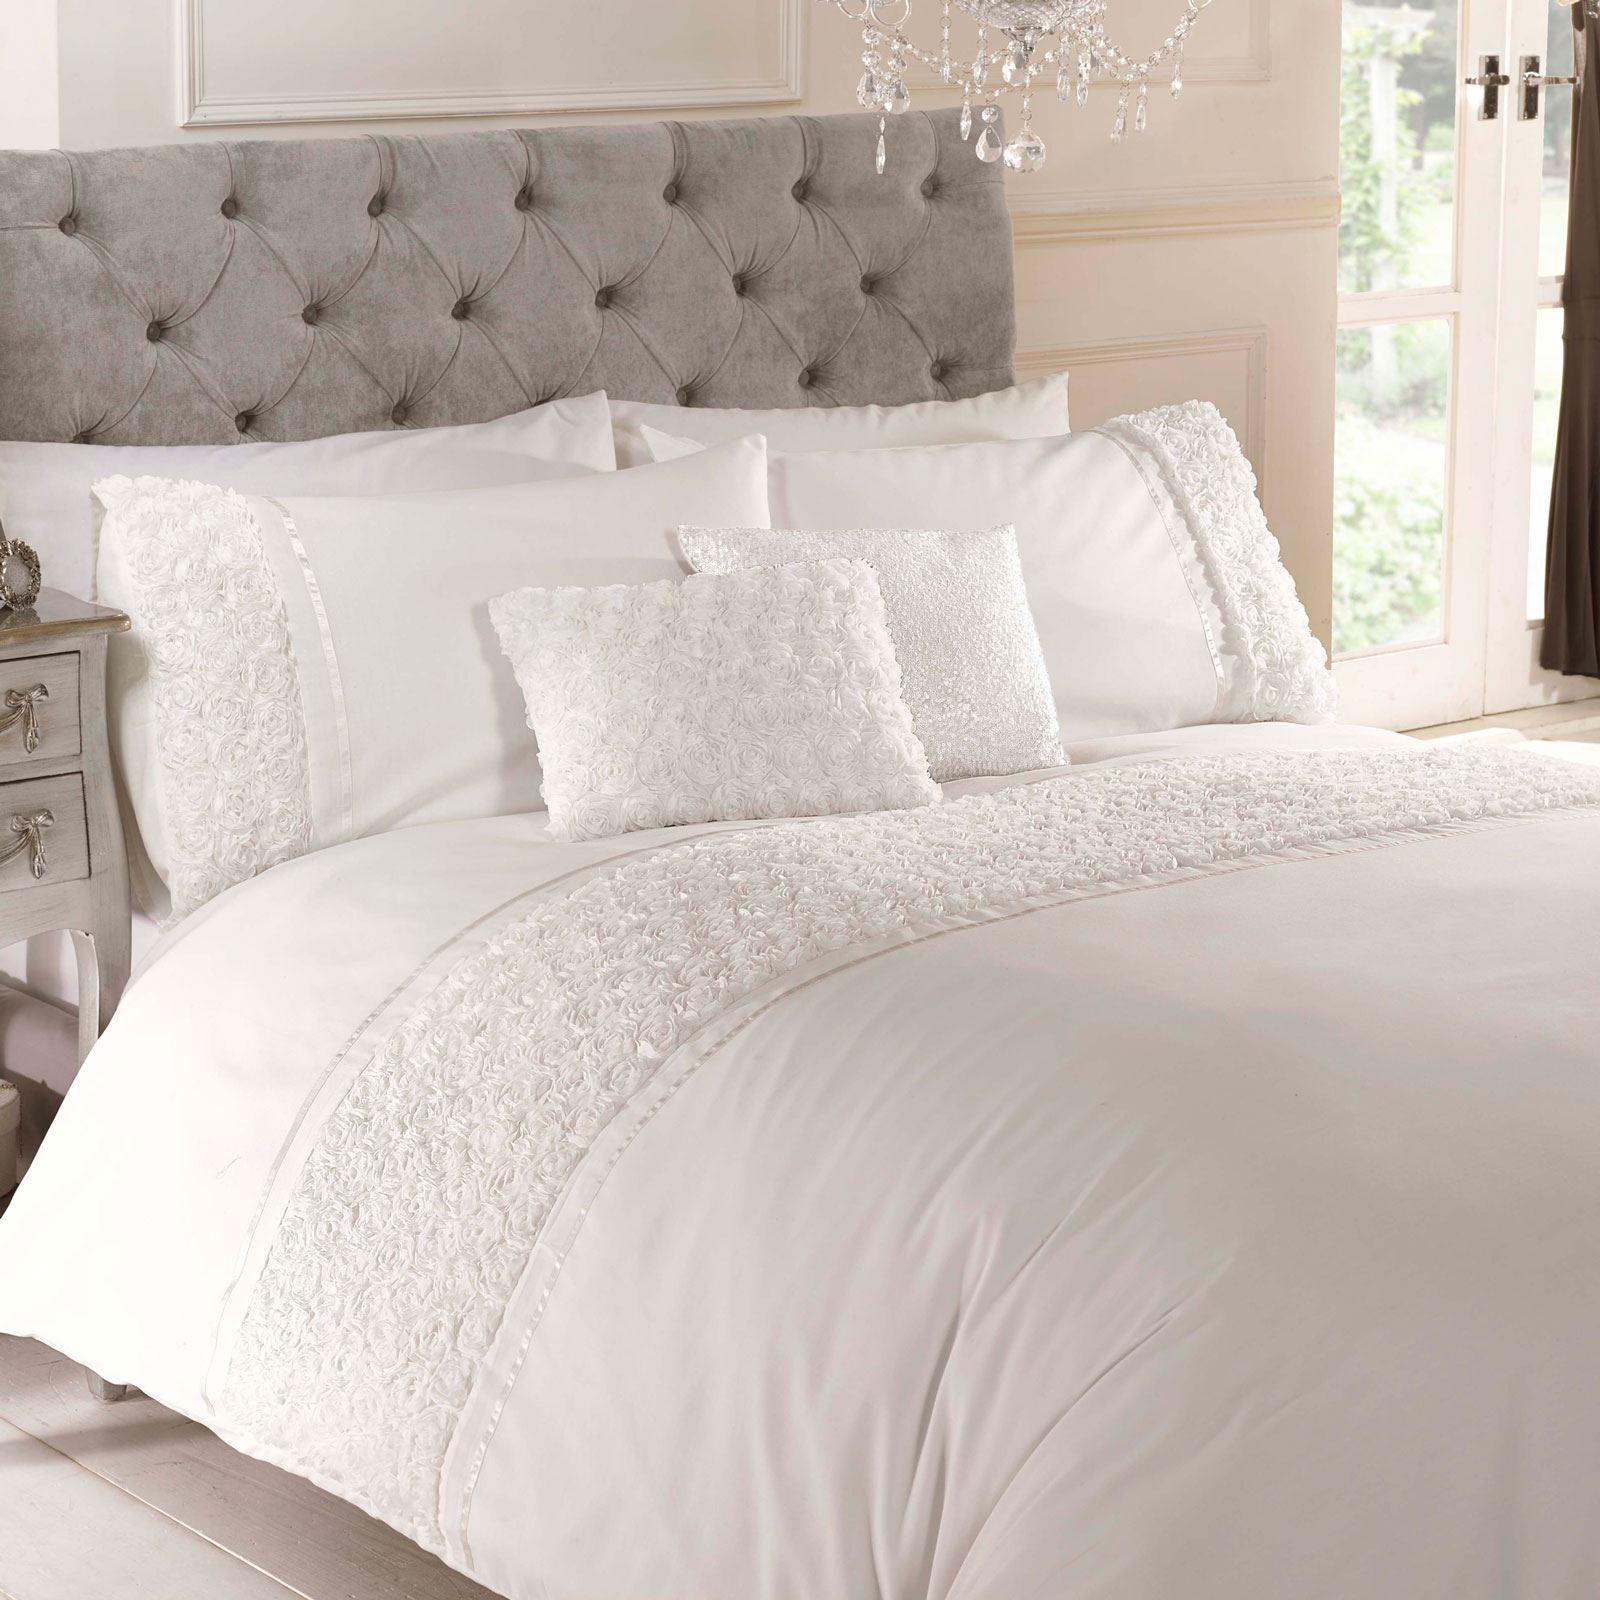 Limoges Rose Ruffle Cream King Size Duvet Cover Pillowcase Set